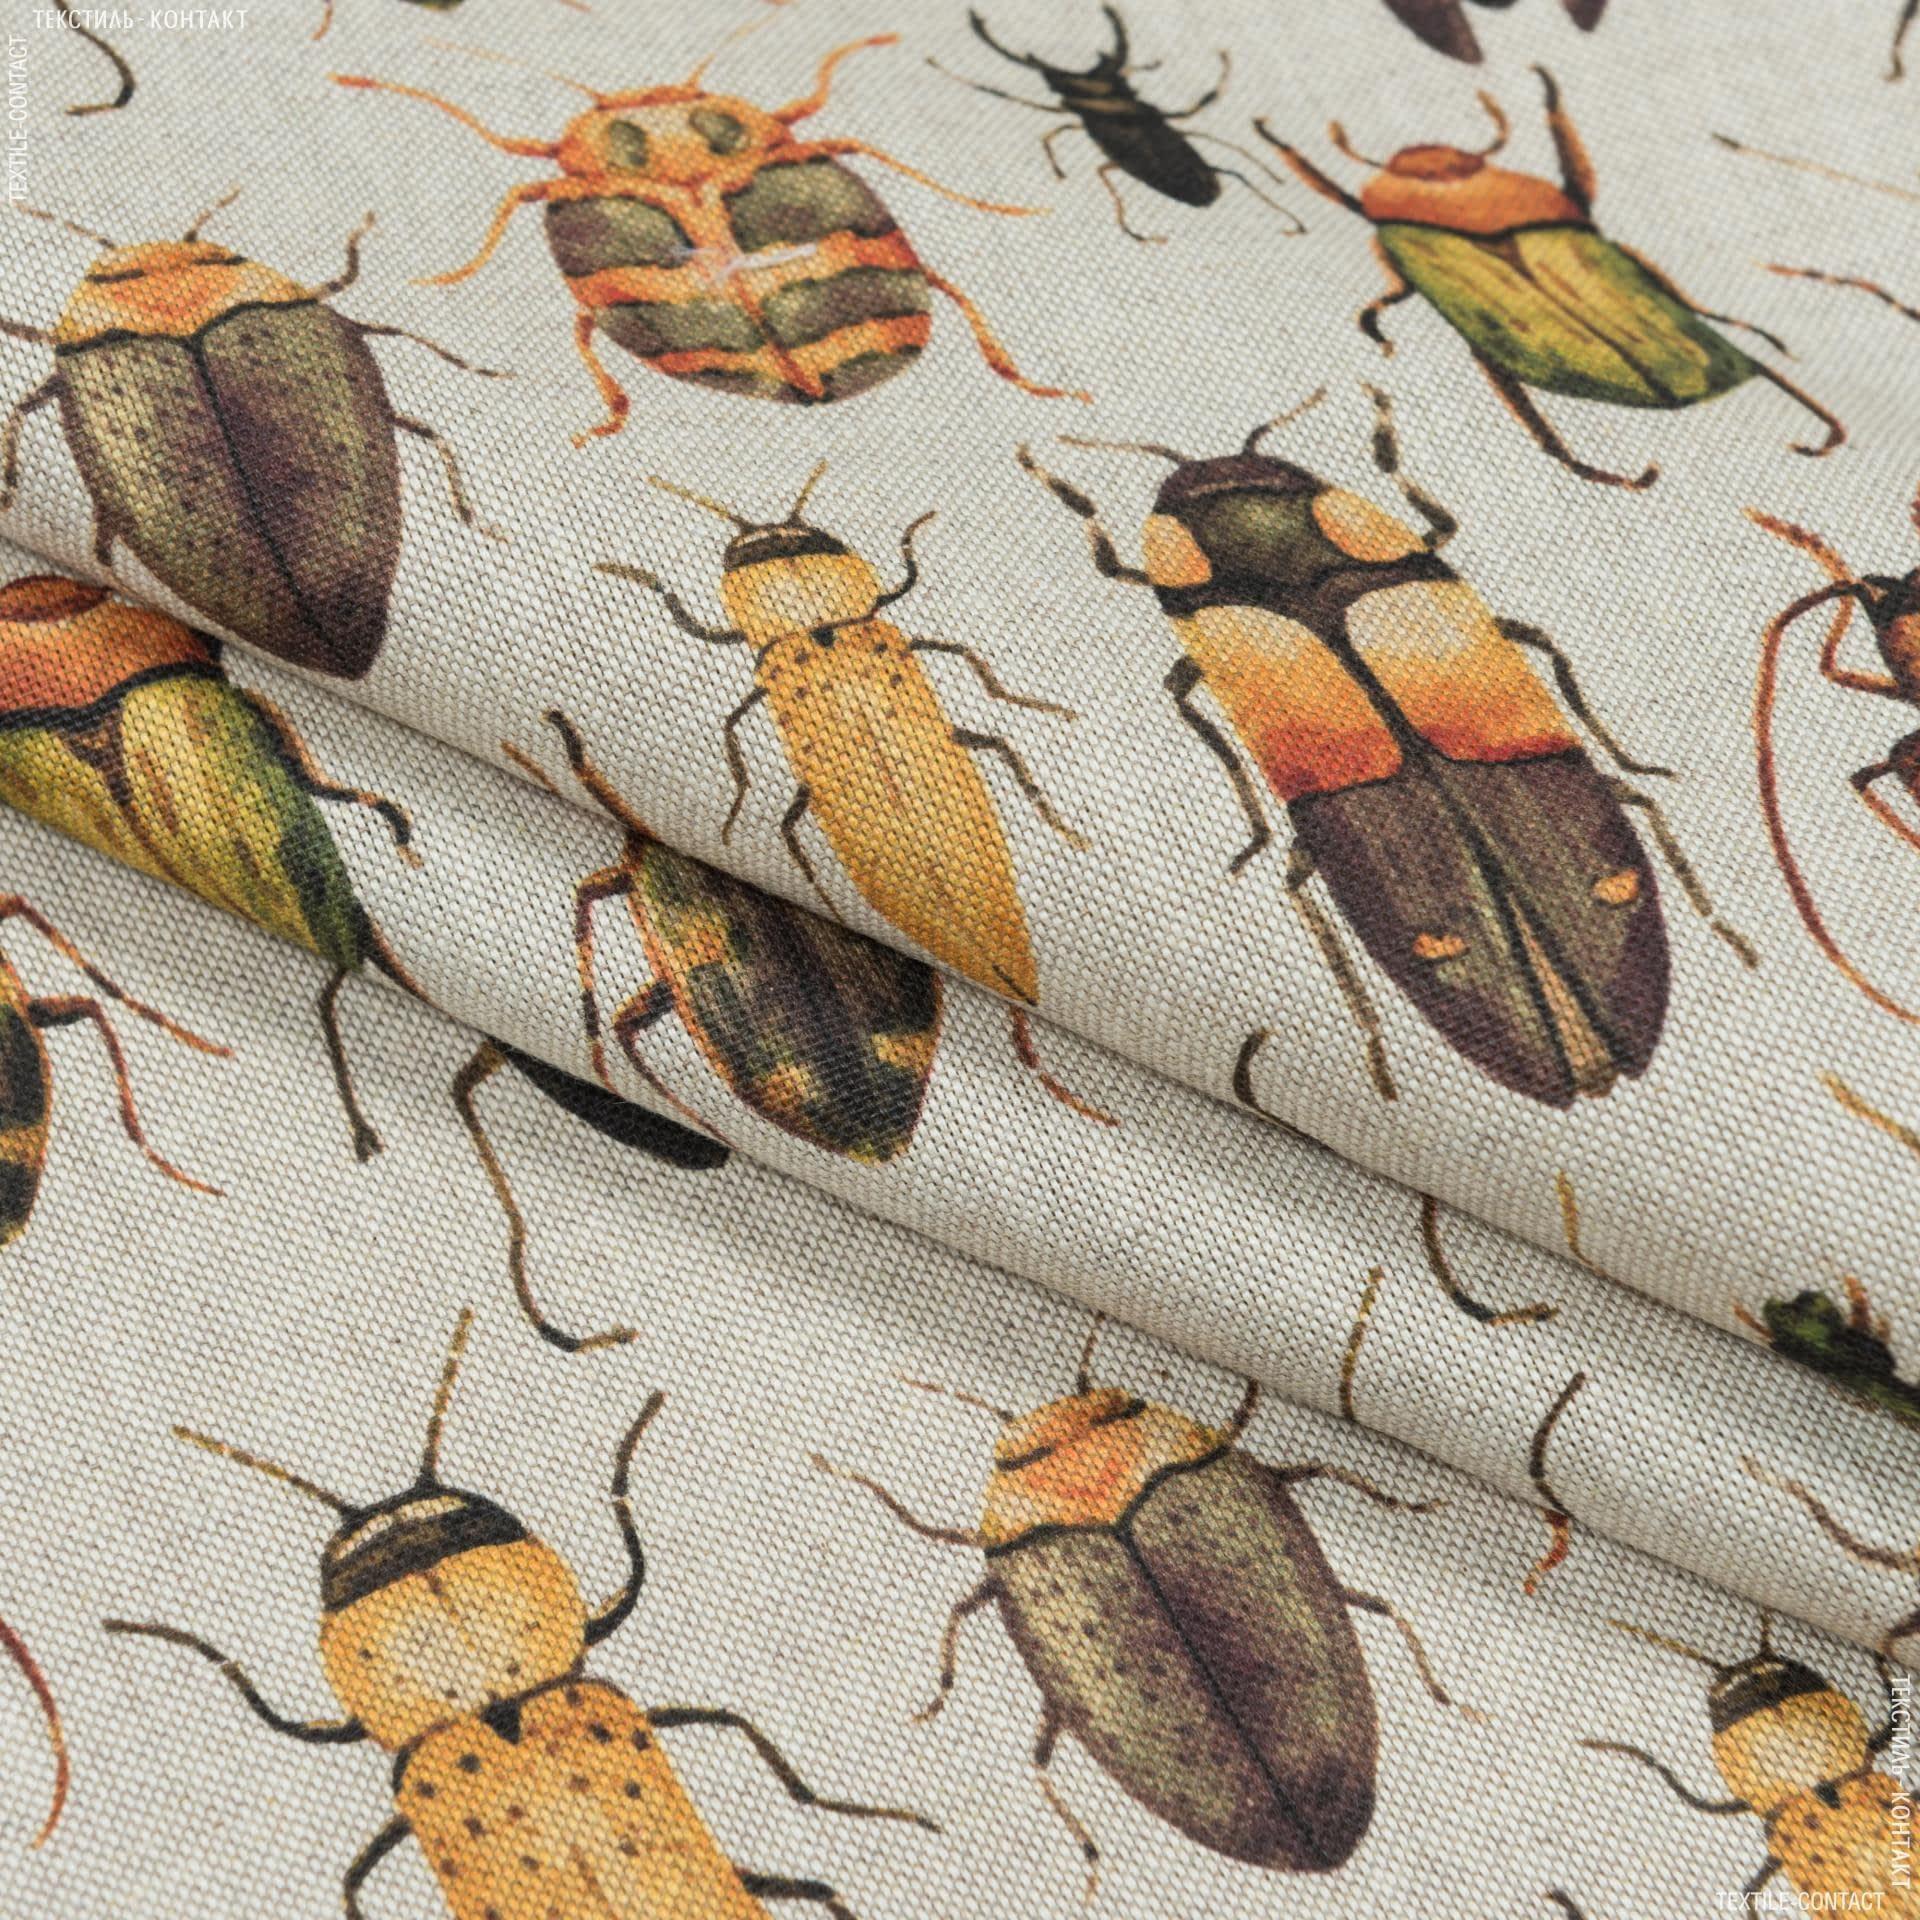 Ткани портьерные ткани - Декоративная ткань  насекомые /фон натуральный